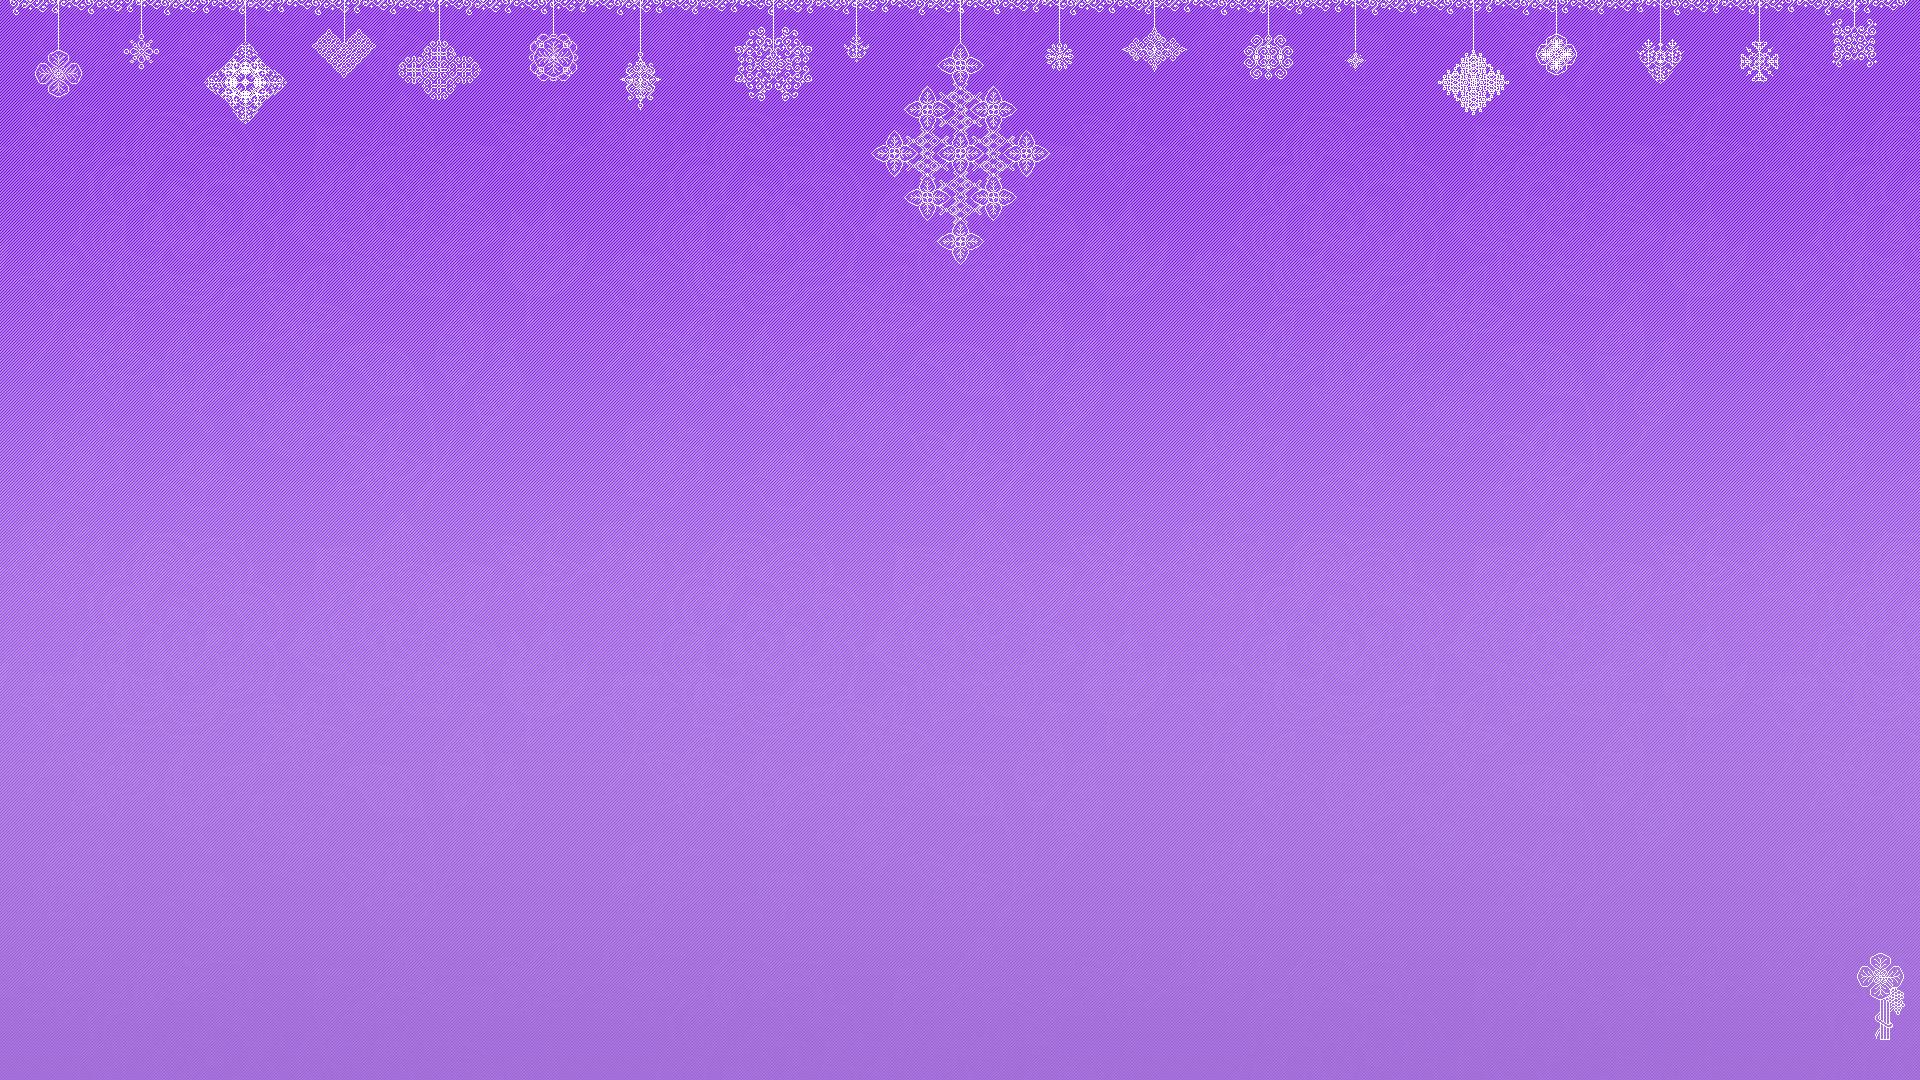 purple pixel wallpaper full desktop 1920 x 1080 by cupcakekitten20 1920x1080